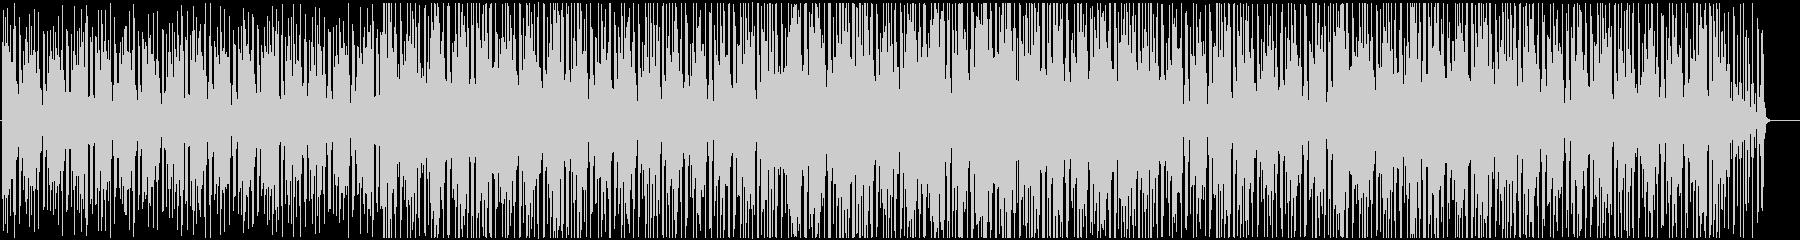 ゆったりボサノバの未再生の波形